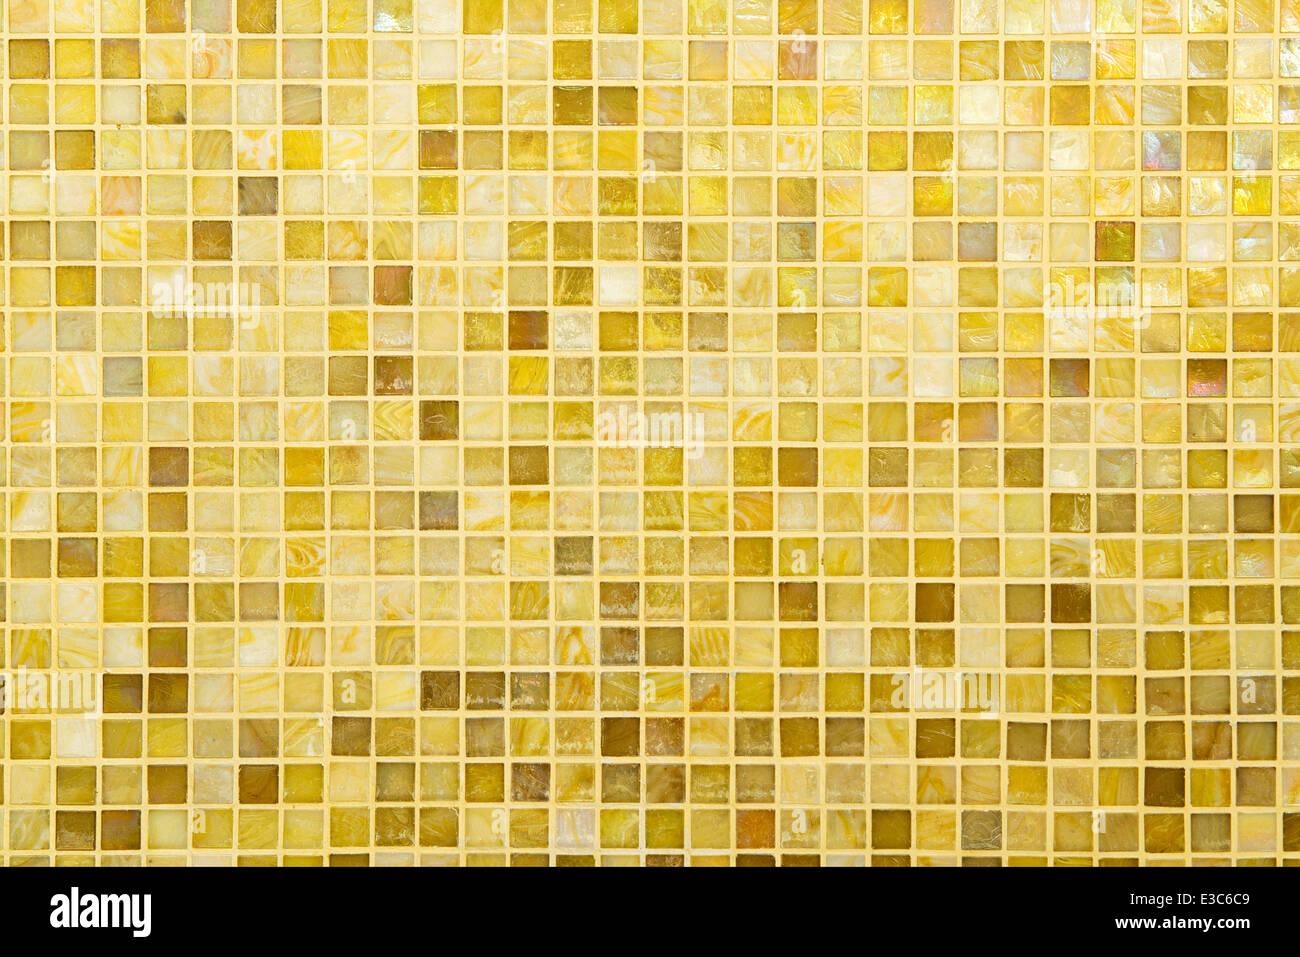 Texture: bel giallo moderno mosaico piastrella sul muro foto